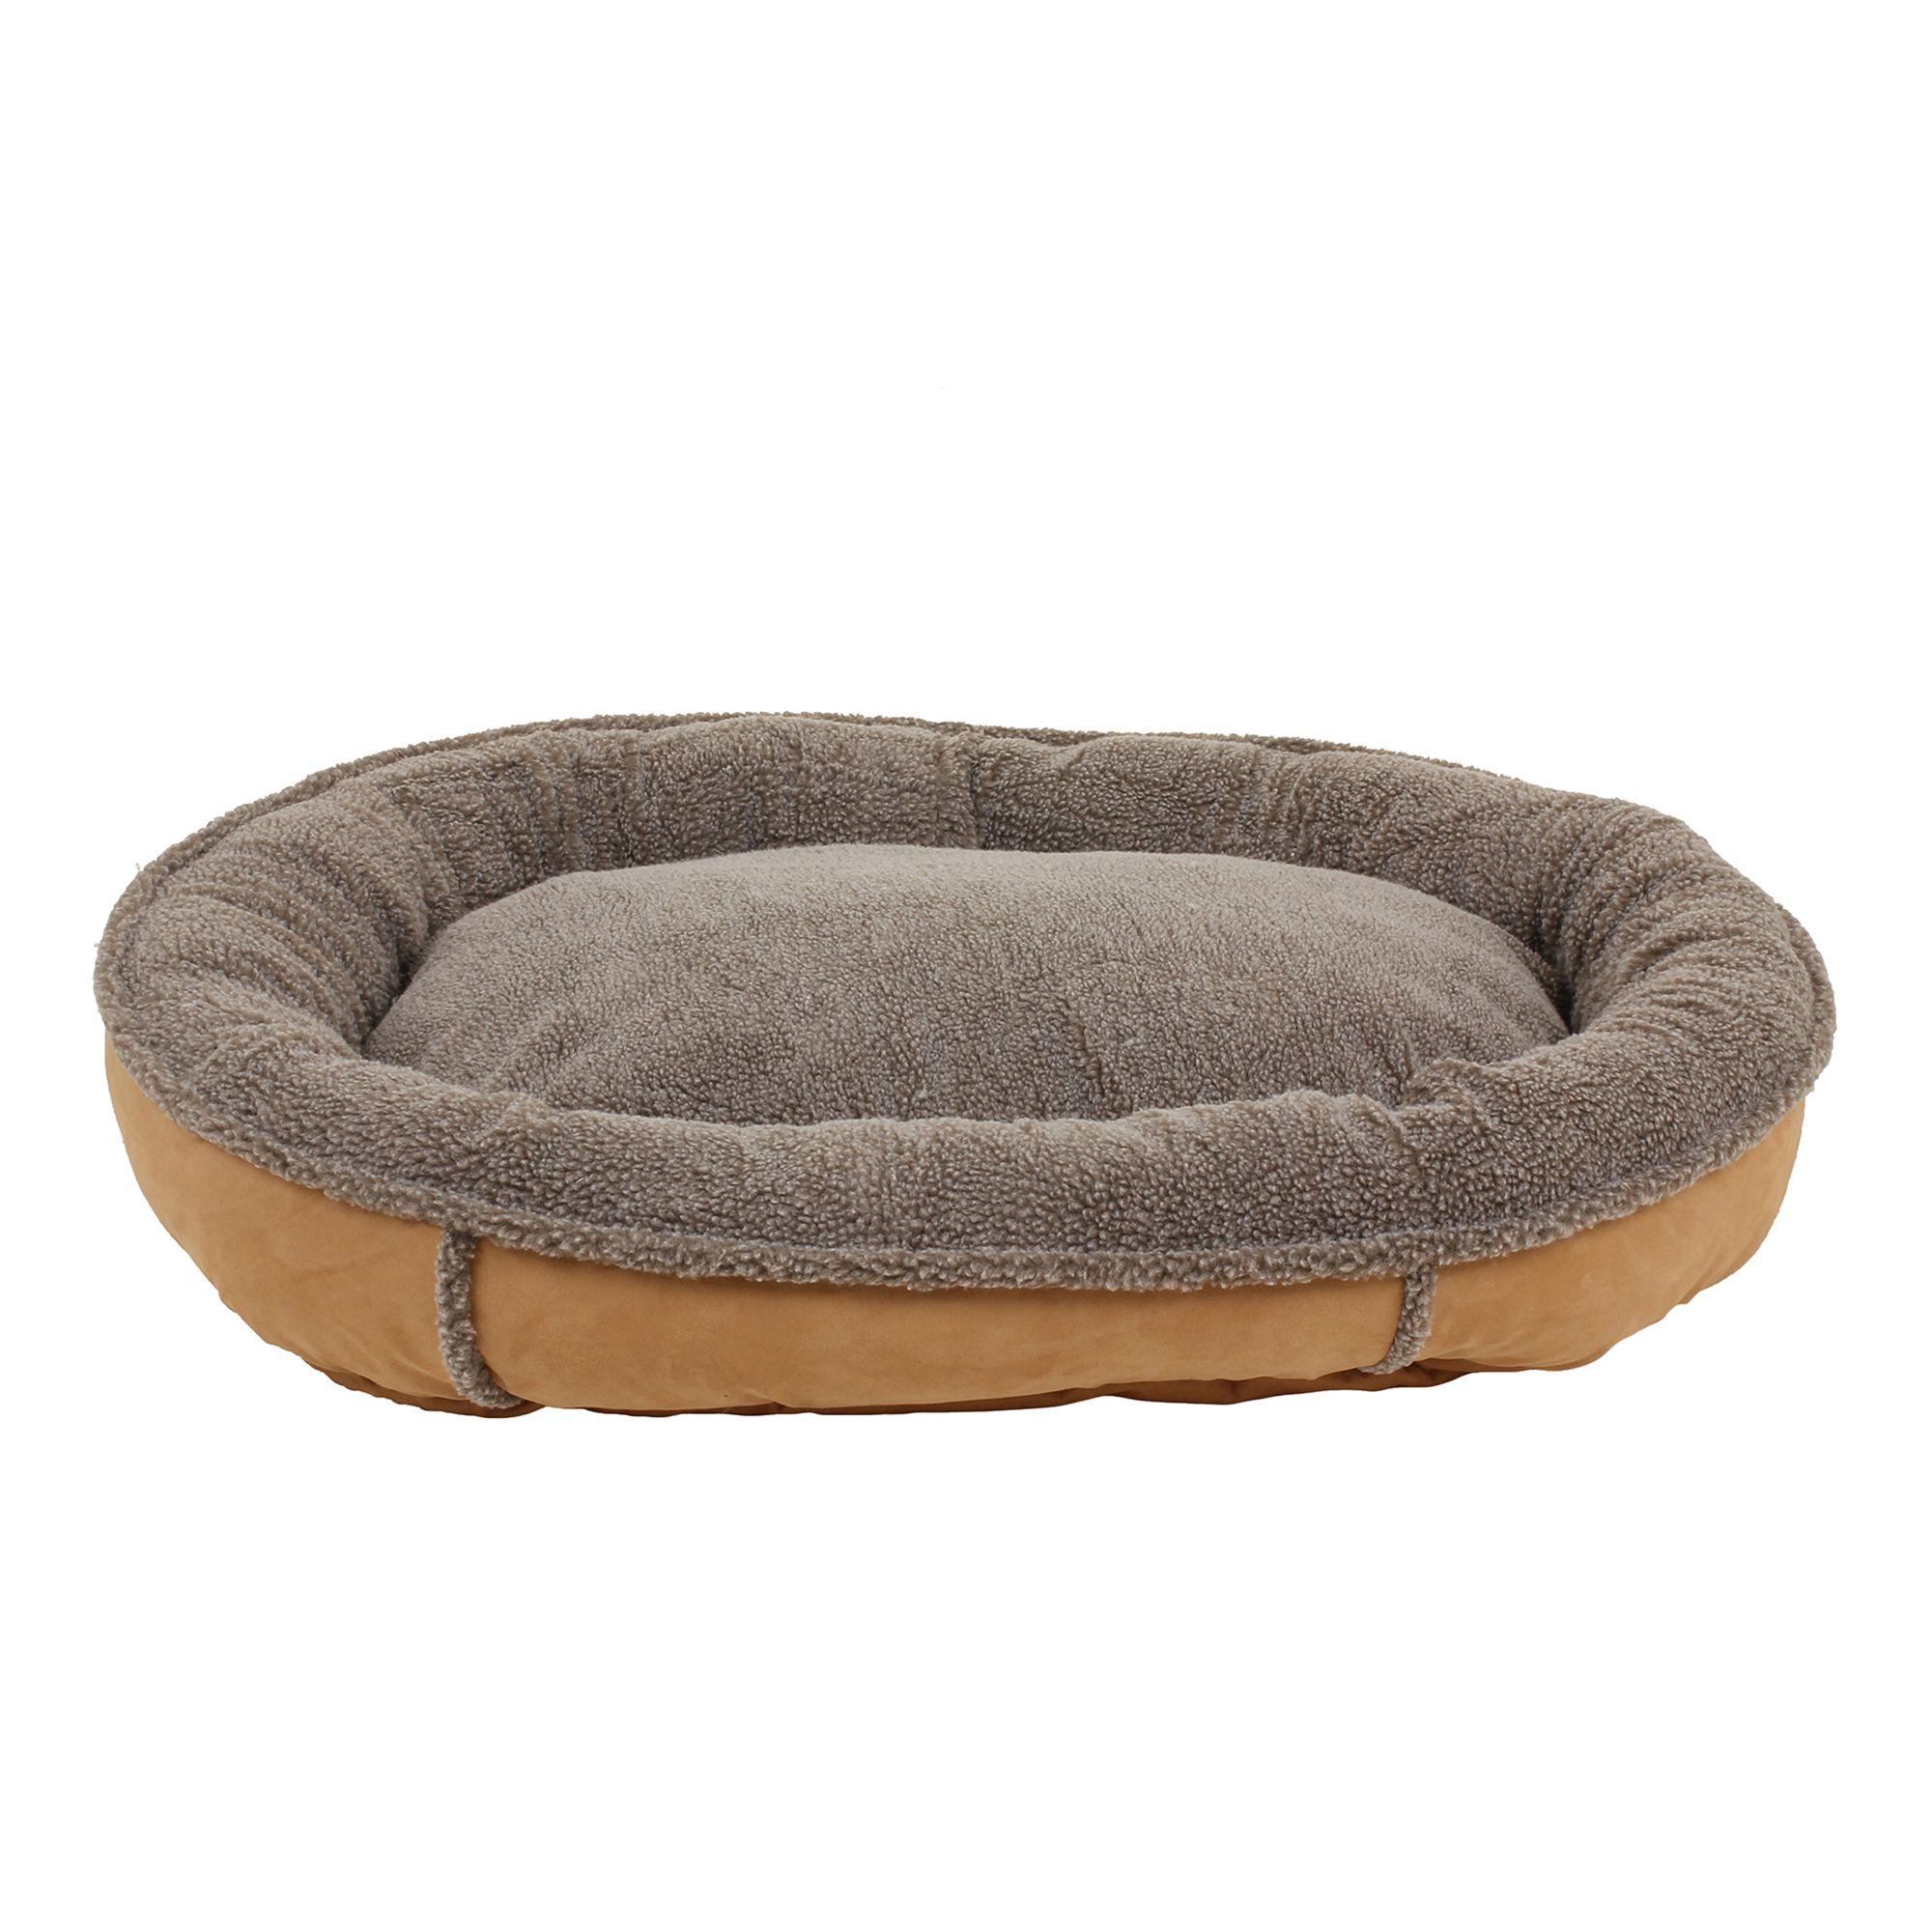 Carolina Pet Comfy Cup Pet Bed Caramel 5184682